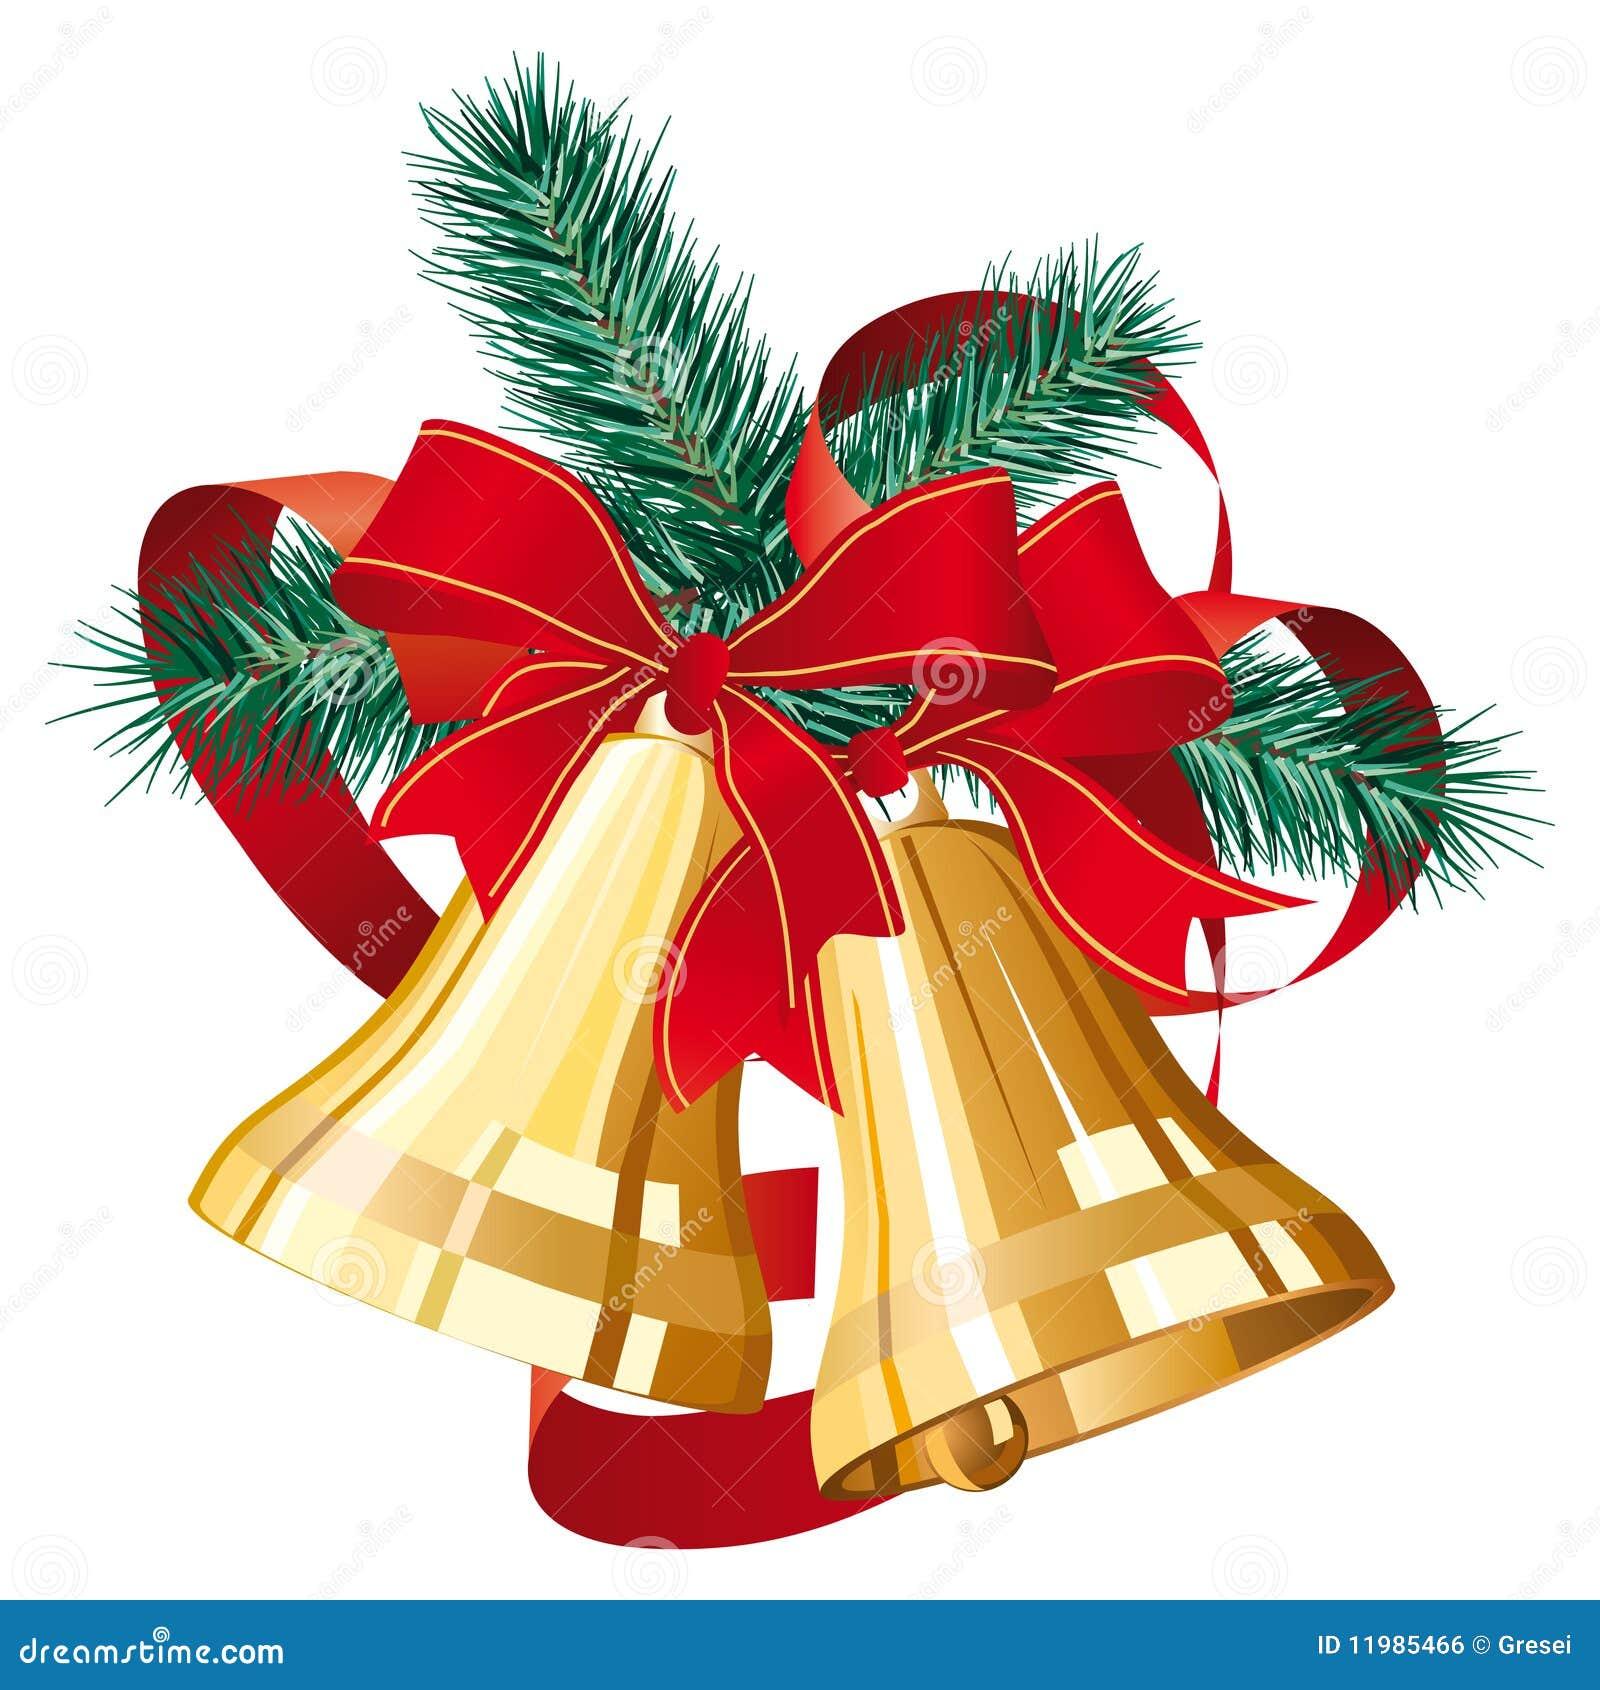 weihnachtsglocken vektor abbildung bild von immergr n. Black Bedroom Furniture Sets. Home Design Ideas